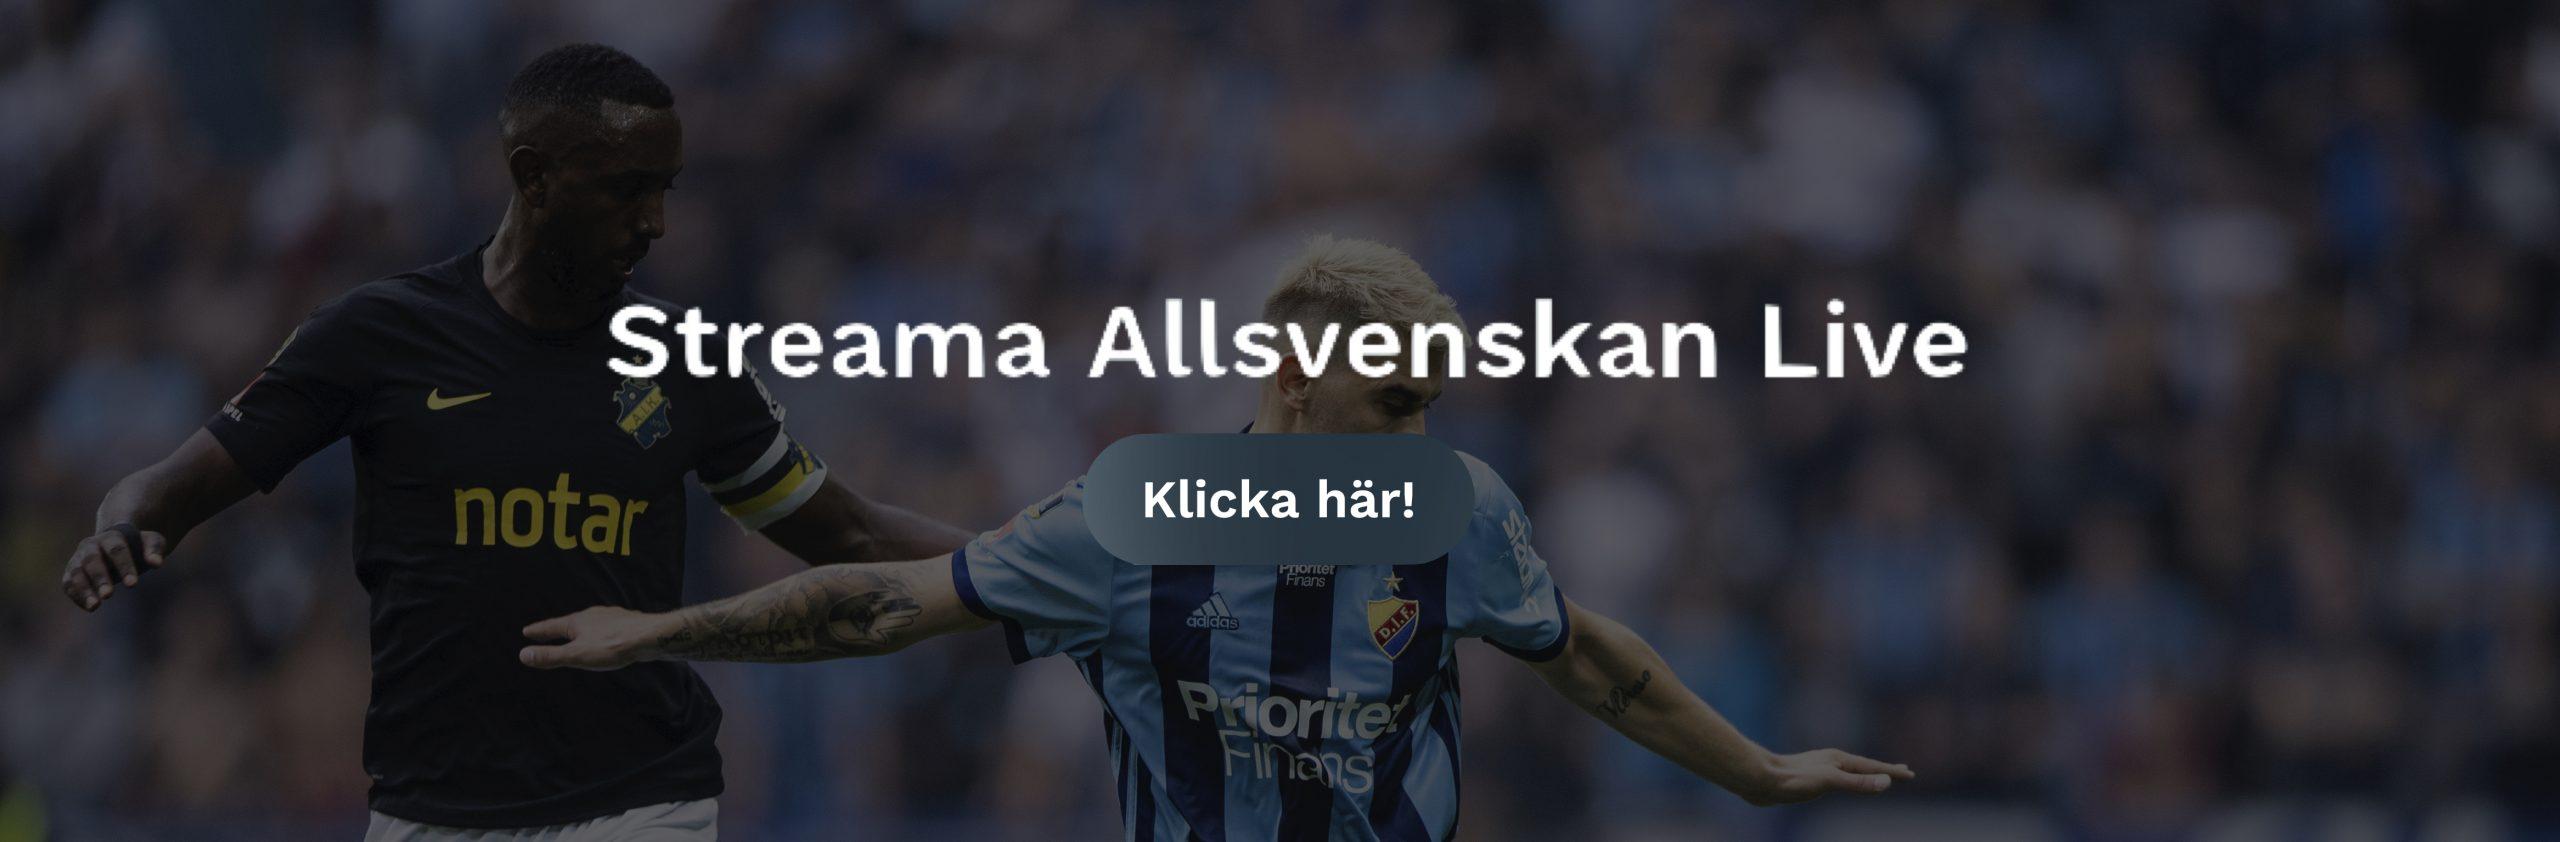 Djurgården AIK stream 2020